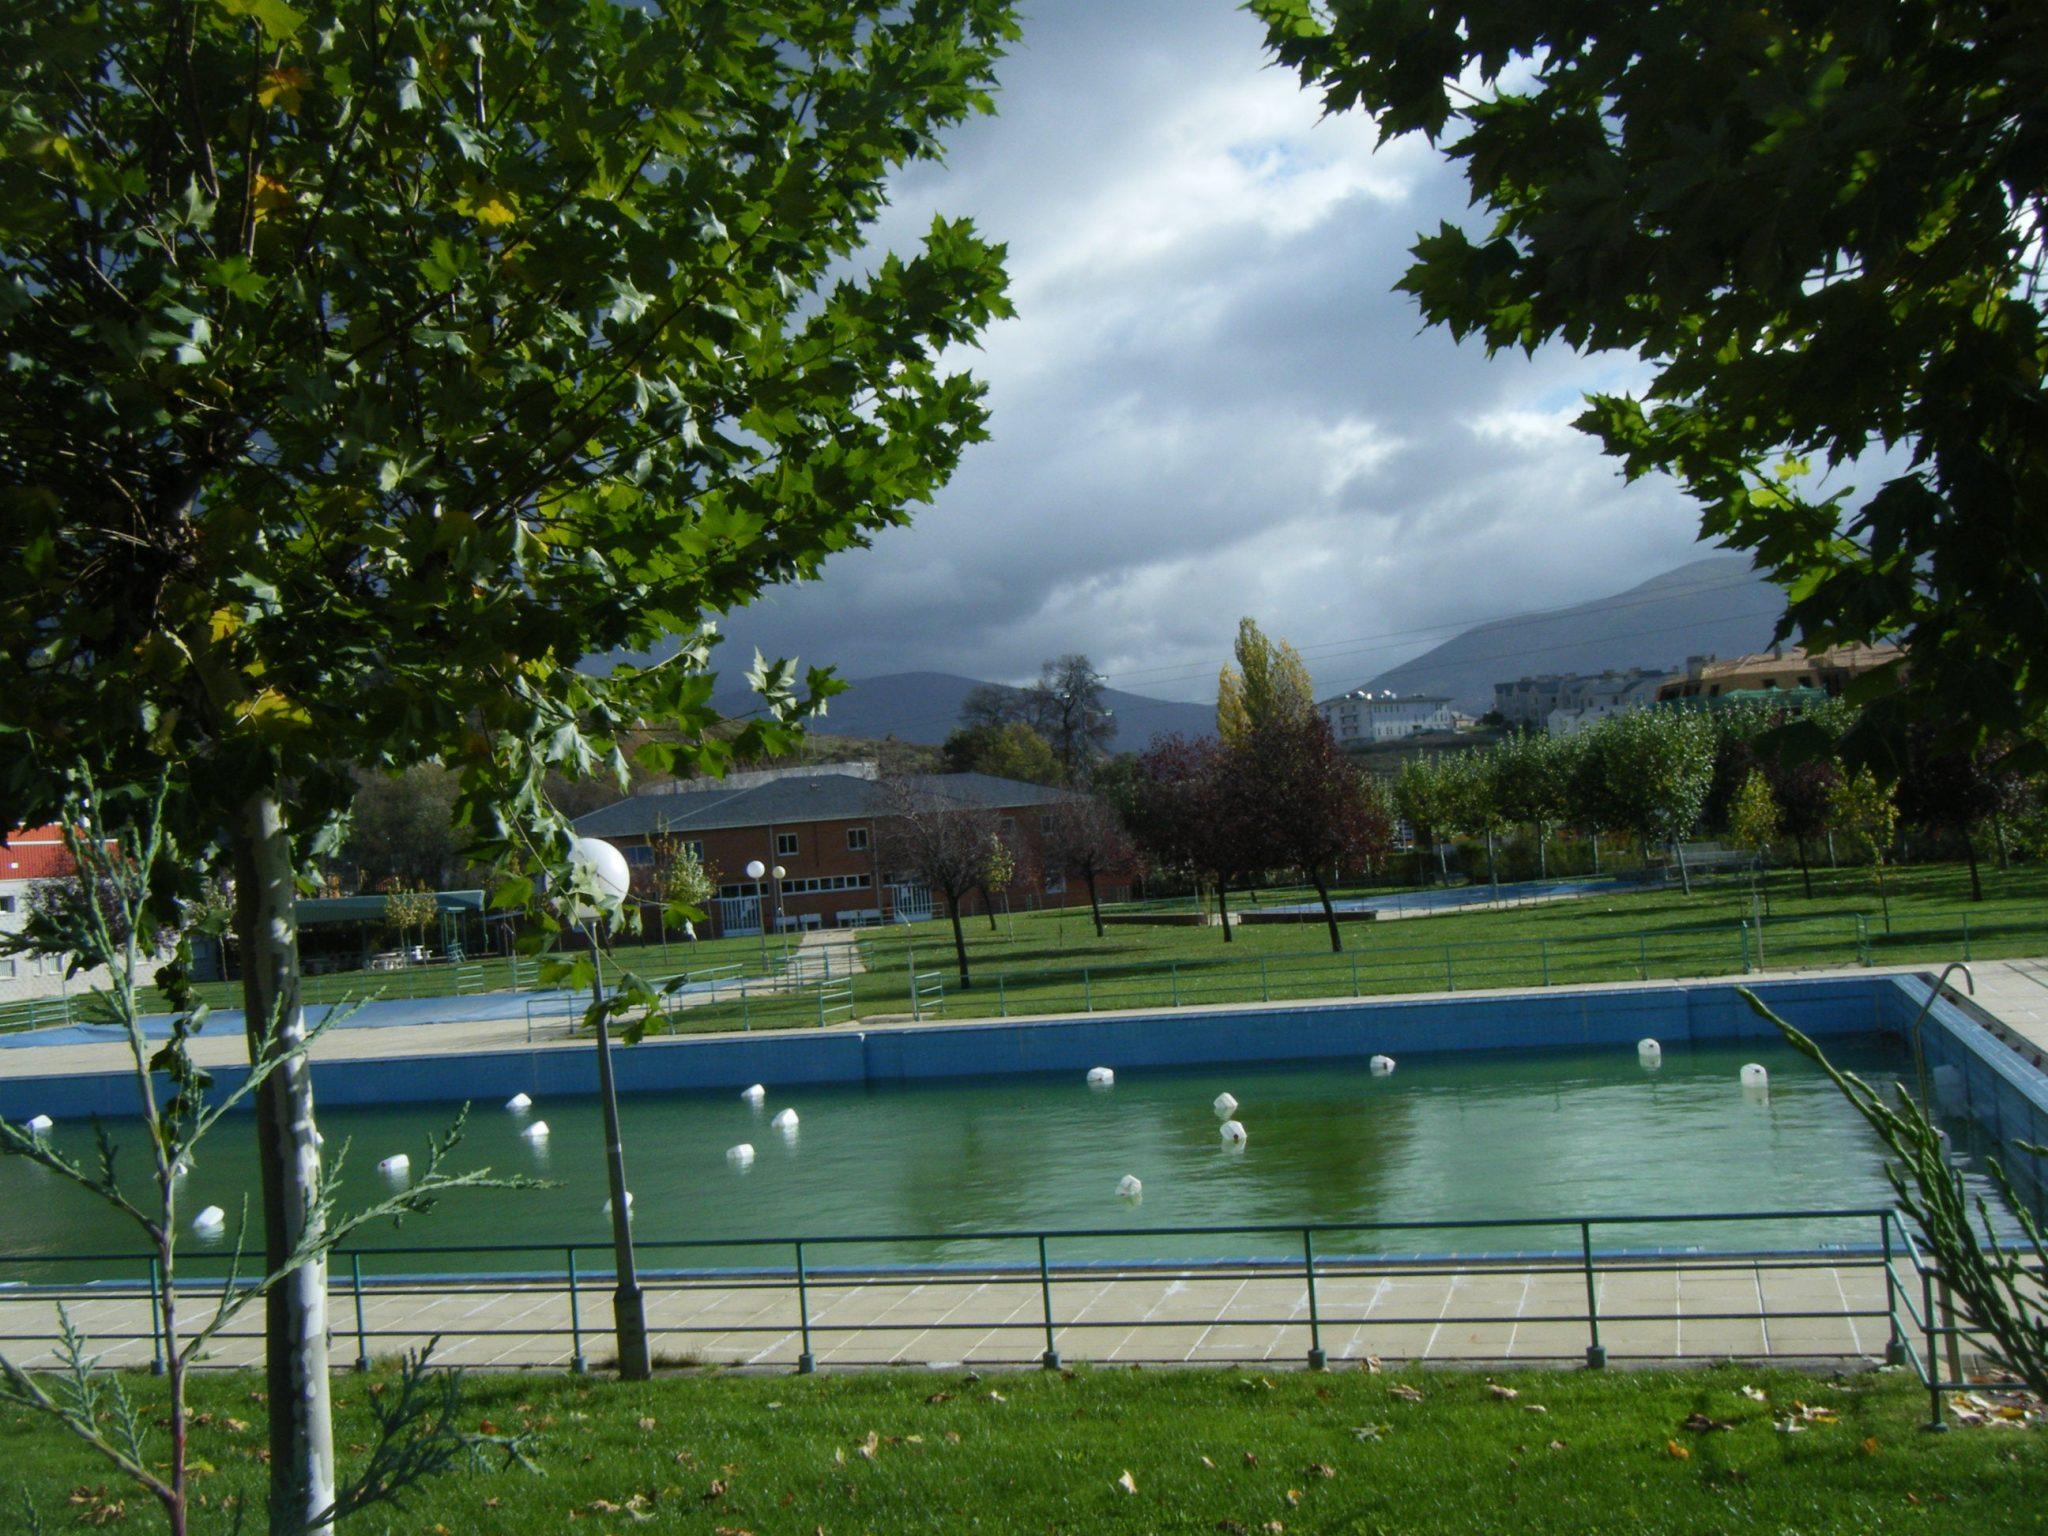 Especial piscinas que no te puedes perder en El Bierzo este verano 3